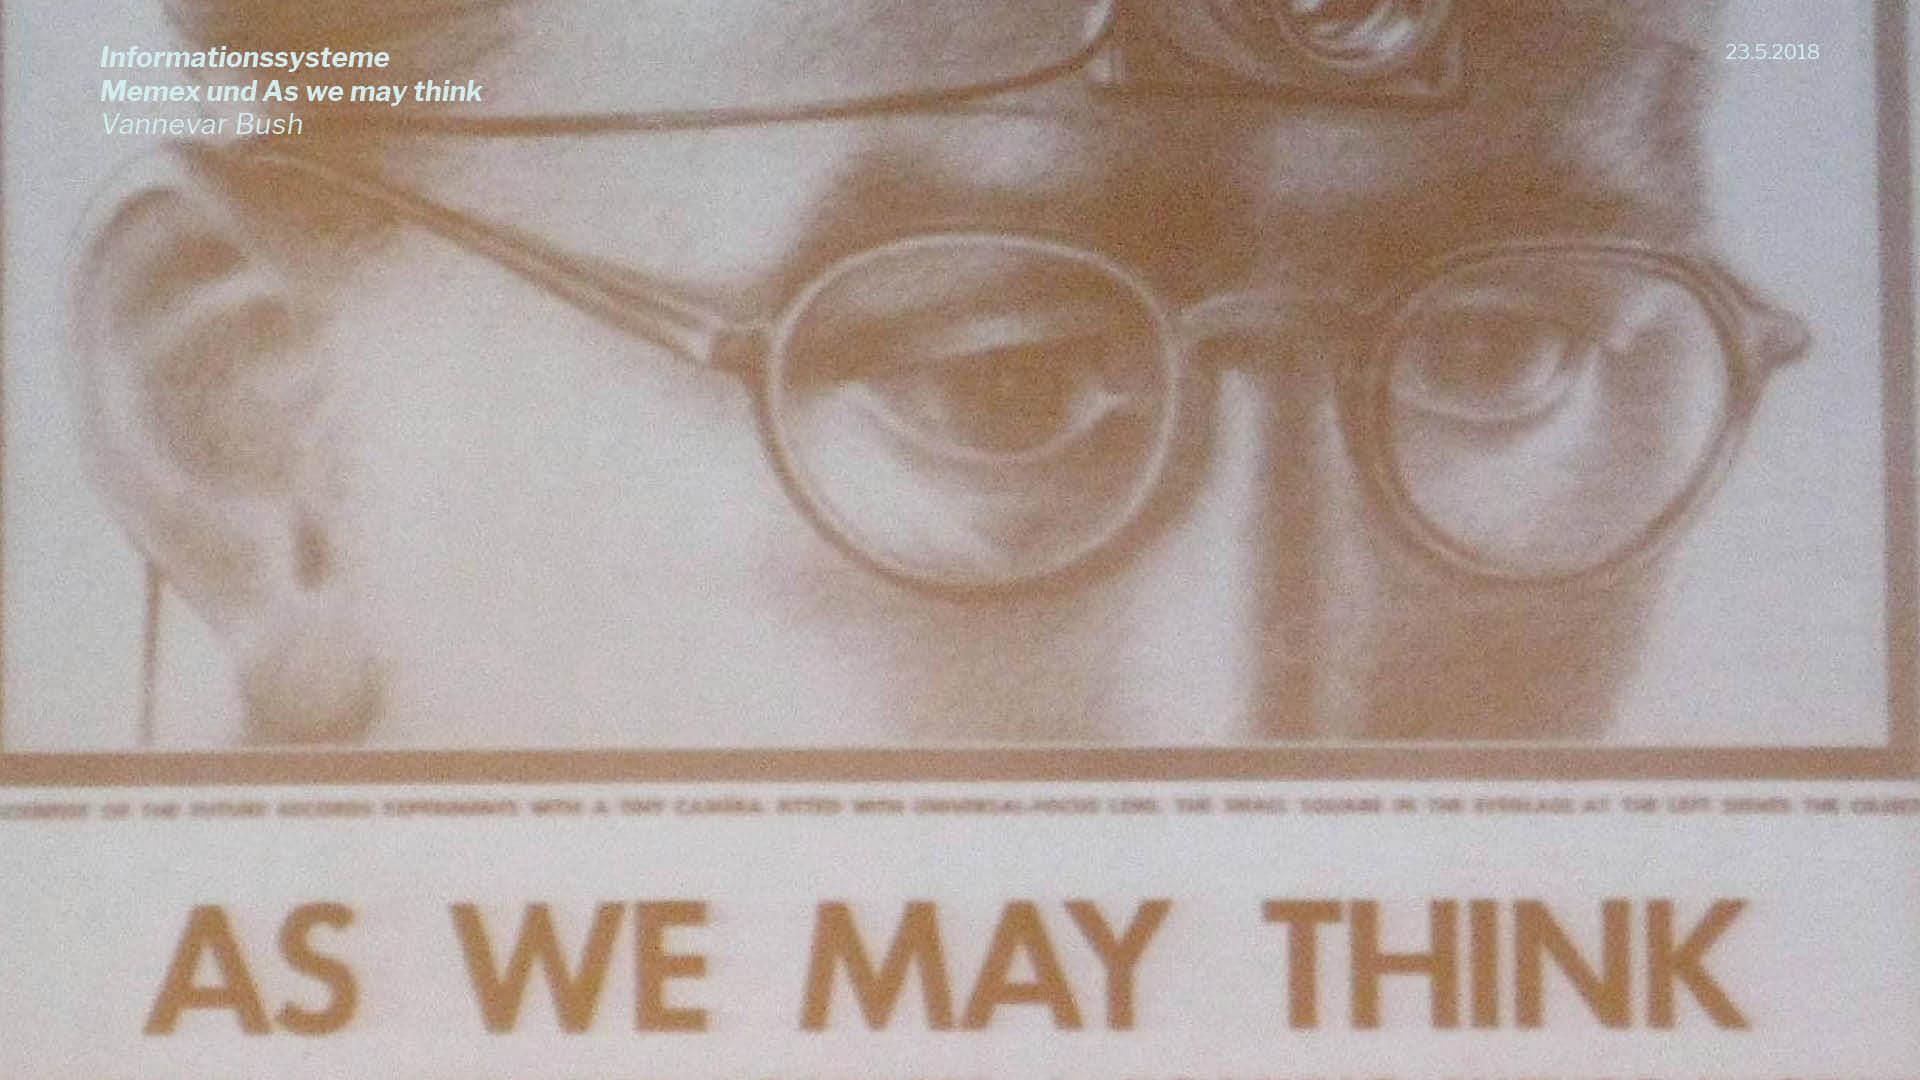 Präsentation | Beispielhaft für theoretische Inhalte: Vannevar Bush